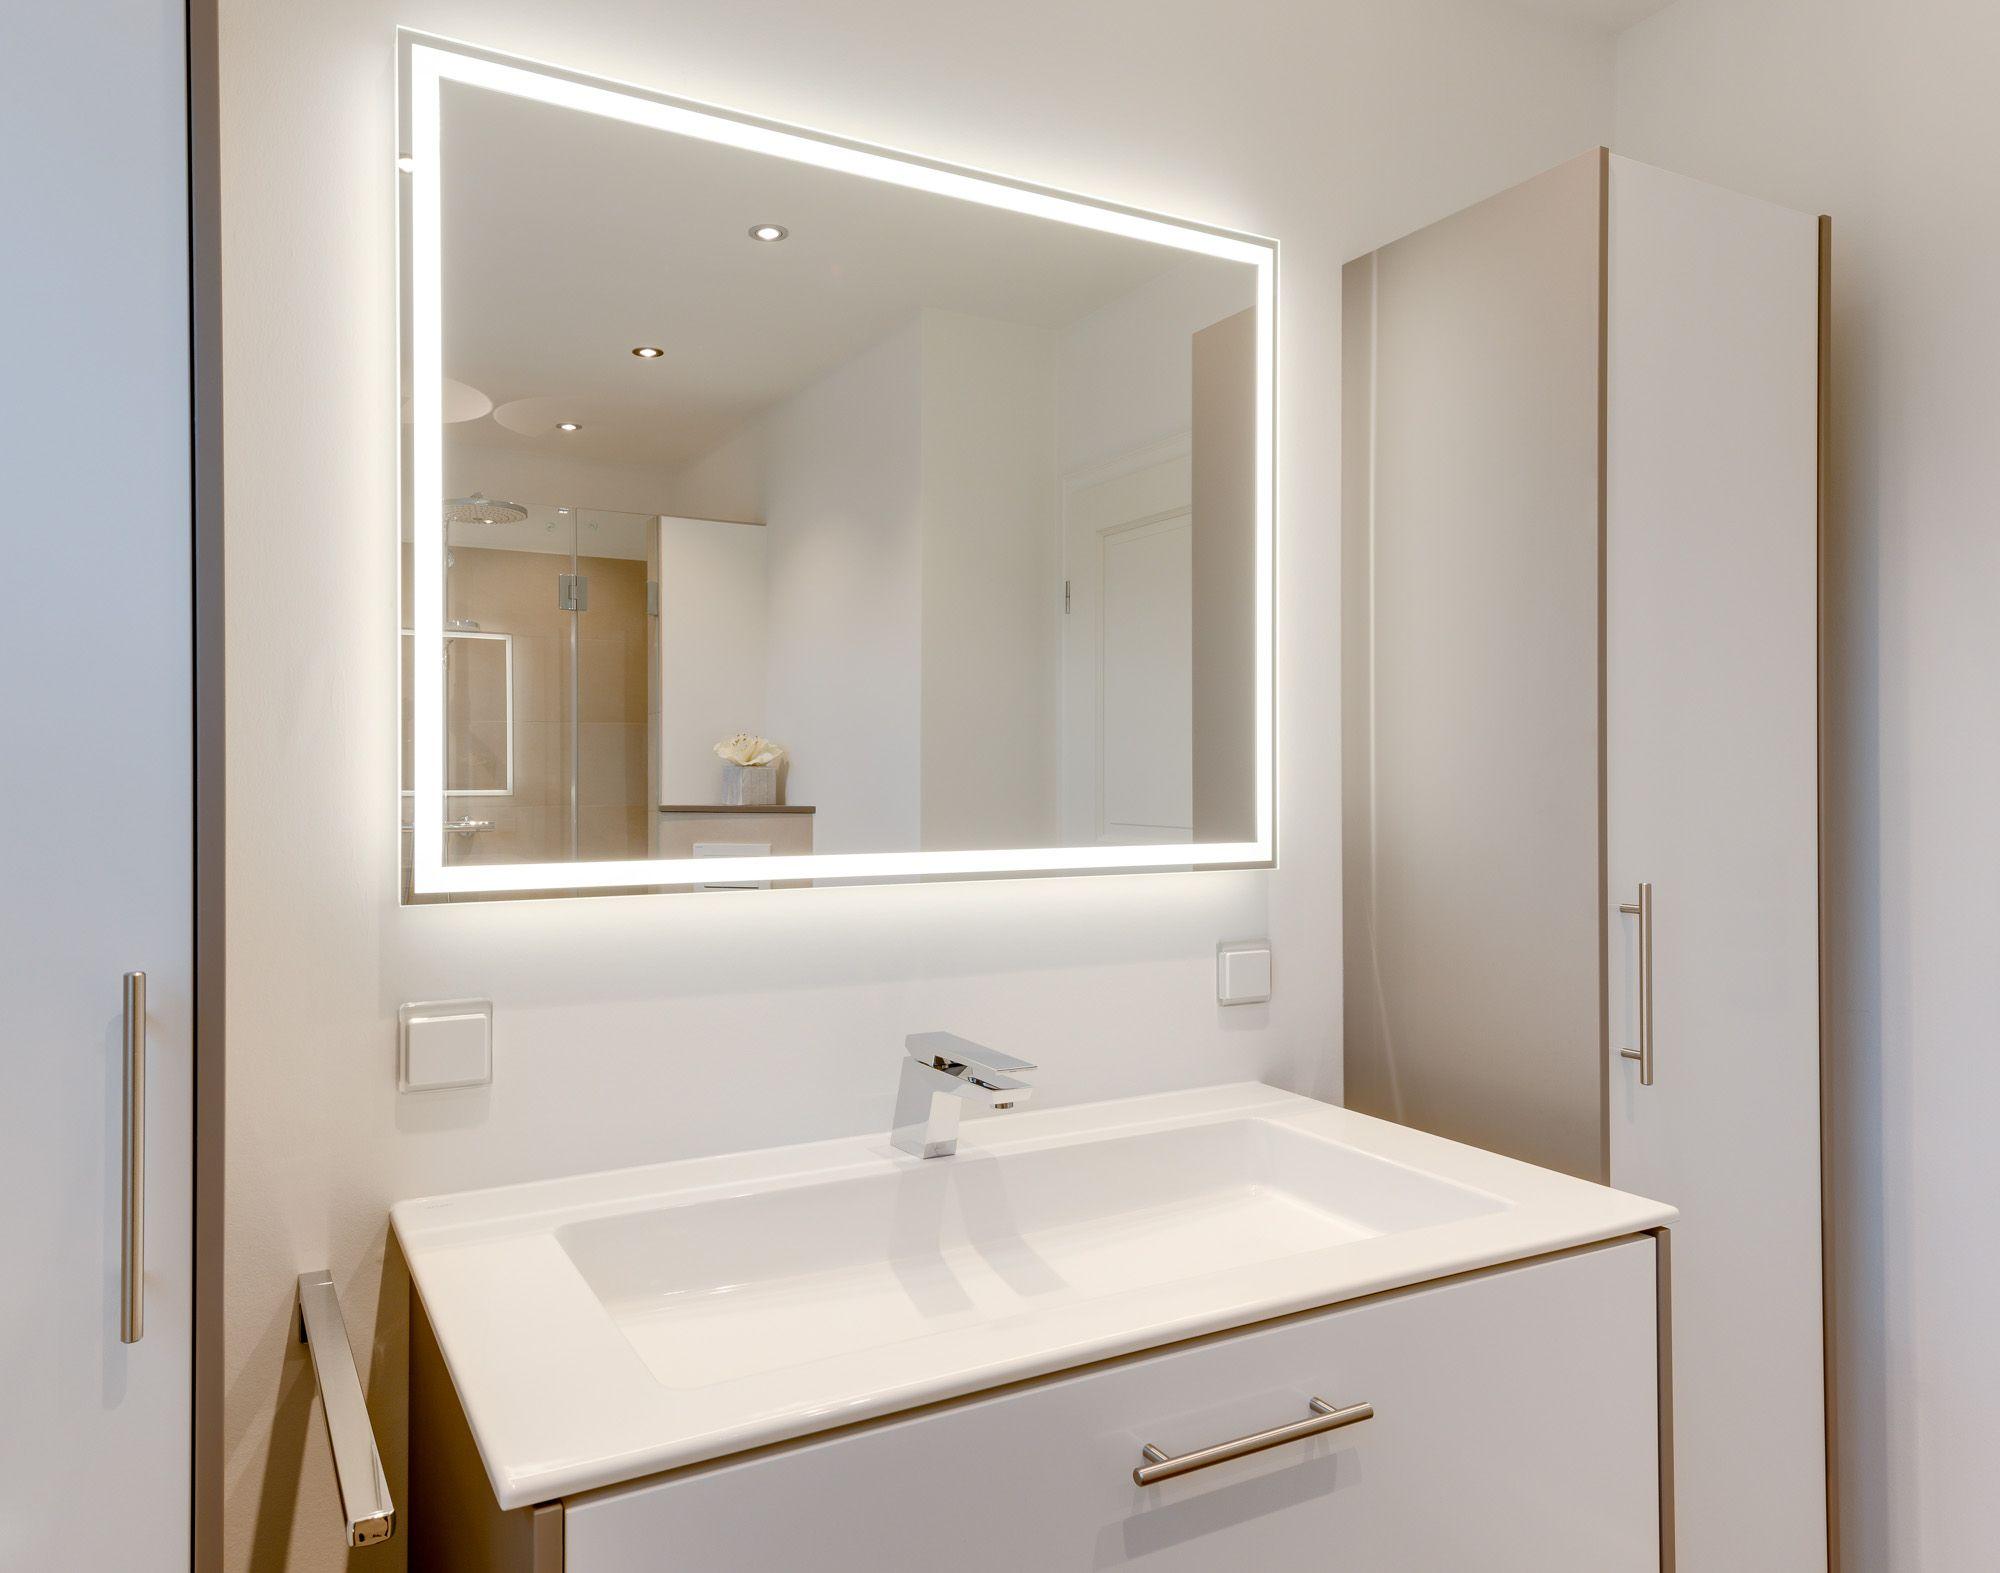 Modernes Badezimmer Waschtisch Mit Keuco Waschbecken Indirekte Beleuchtung Und Ein Schlichter Spiegel Dazu Fugen Badezimmer Glasduschen Modernes Badezimmer